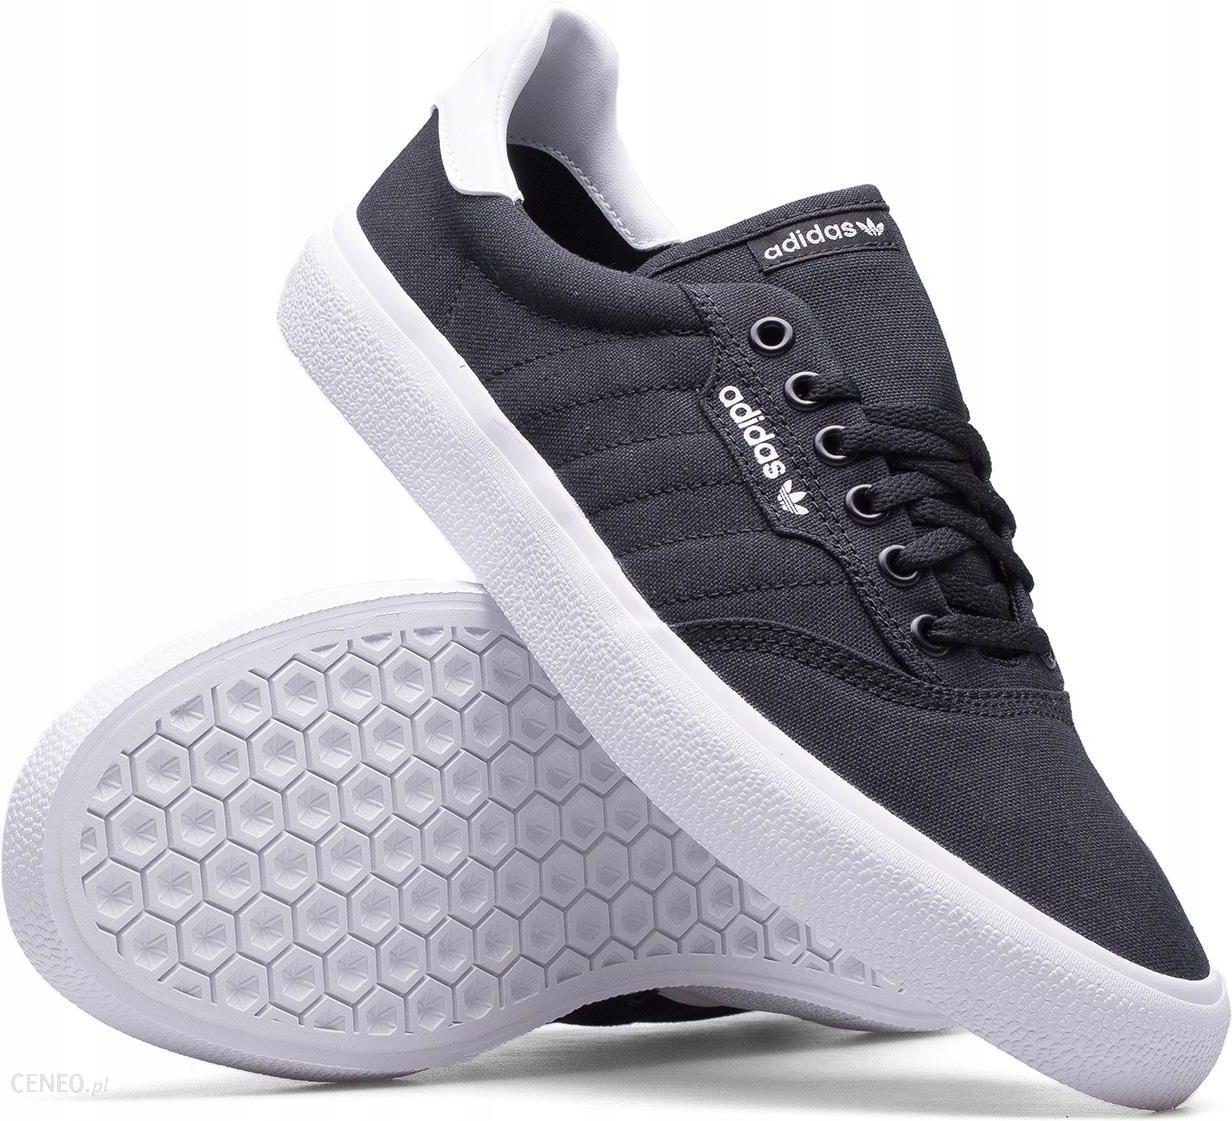 Buty Adidas M?skie 3MC B22706 Trampki R. 42 23 Ceny i opinie Ceneo.pl